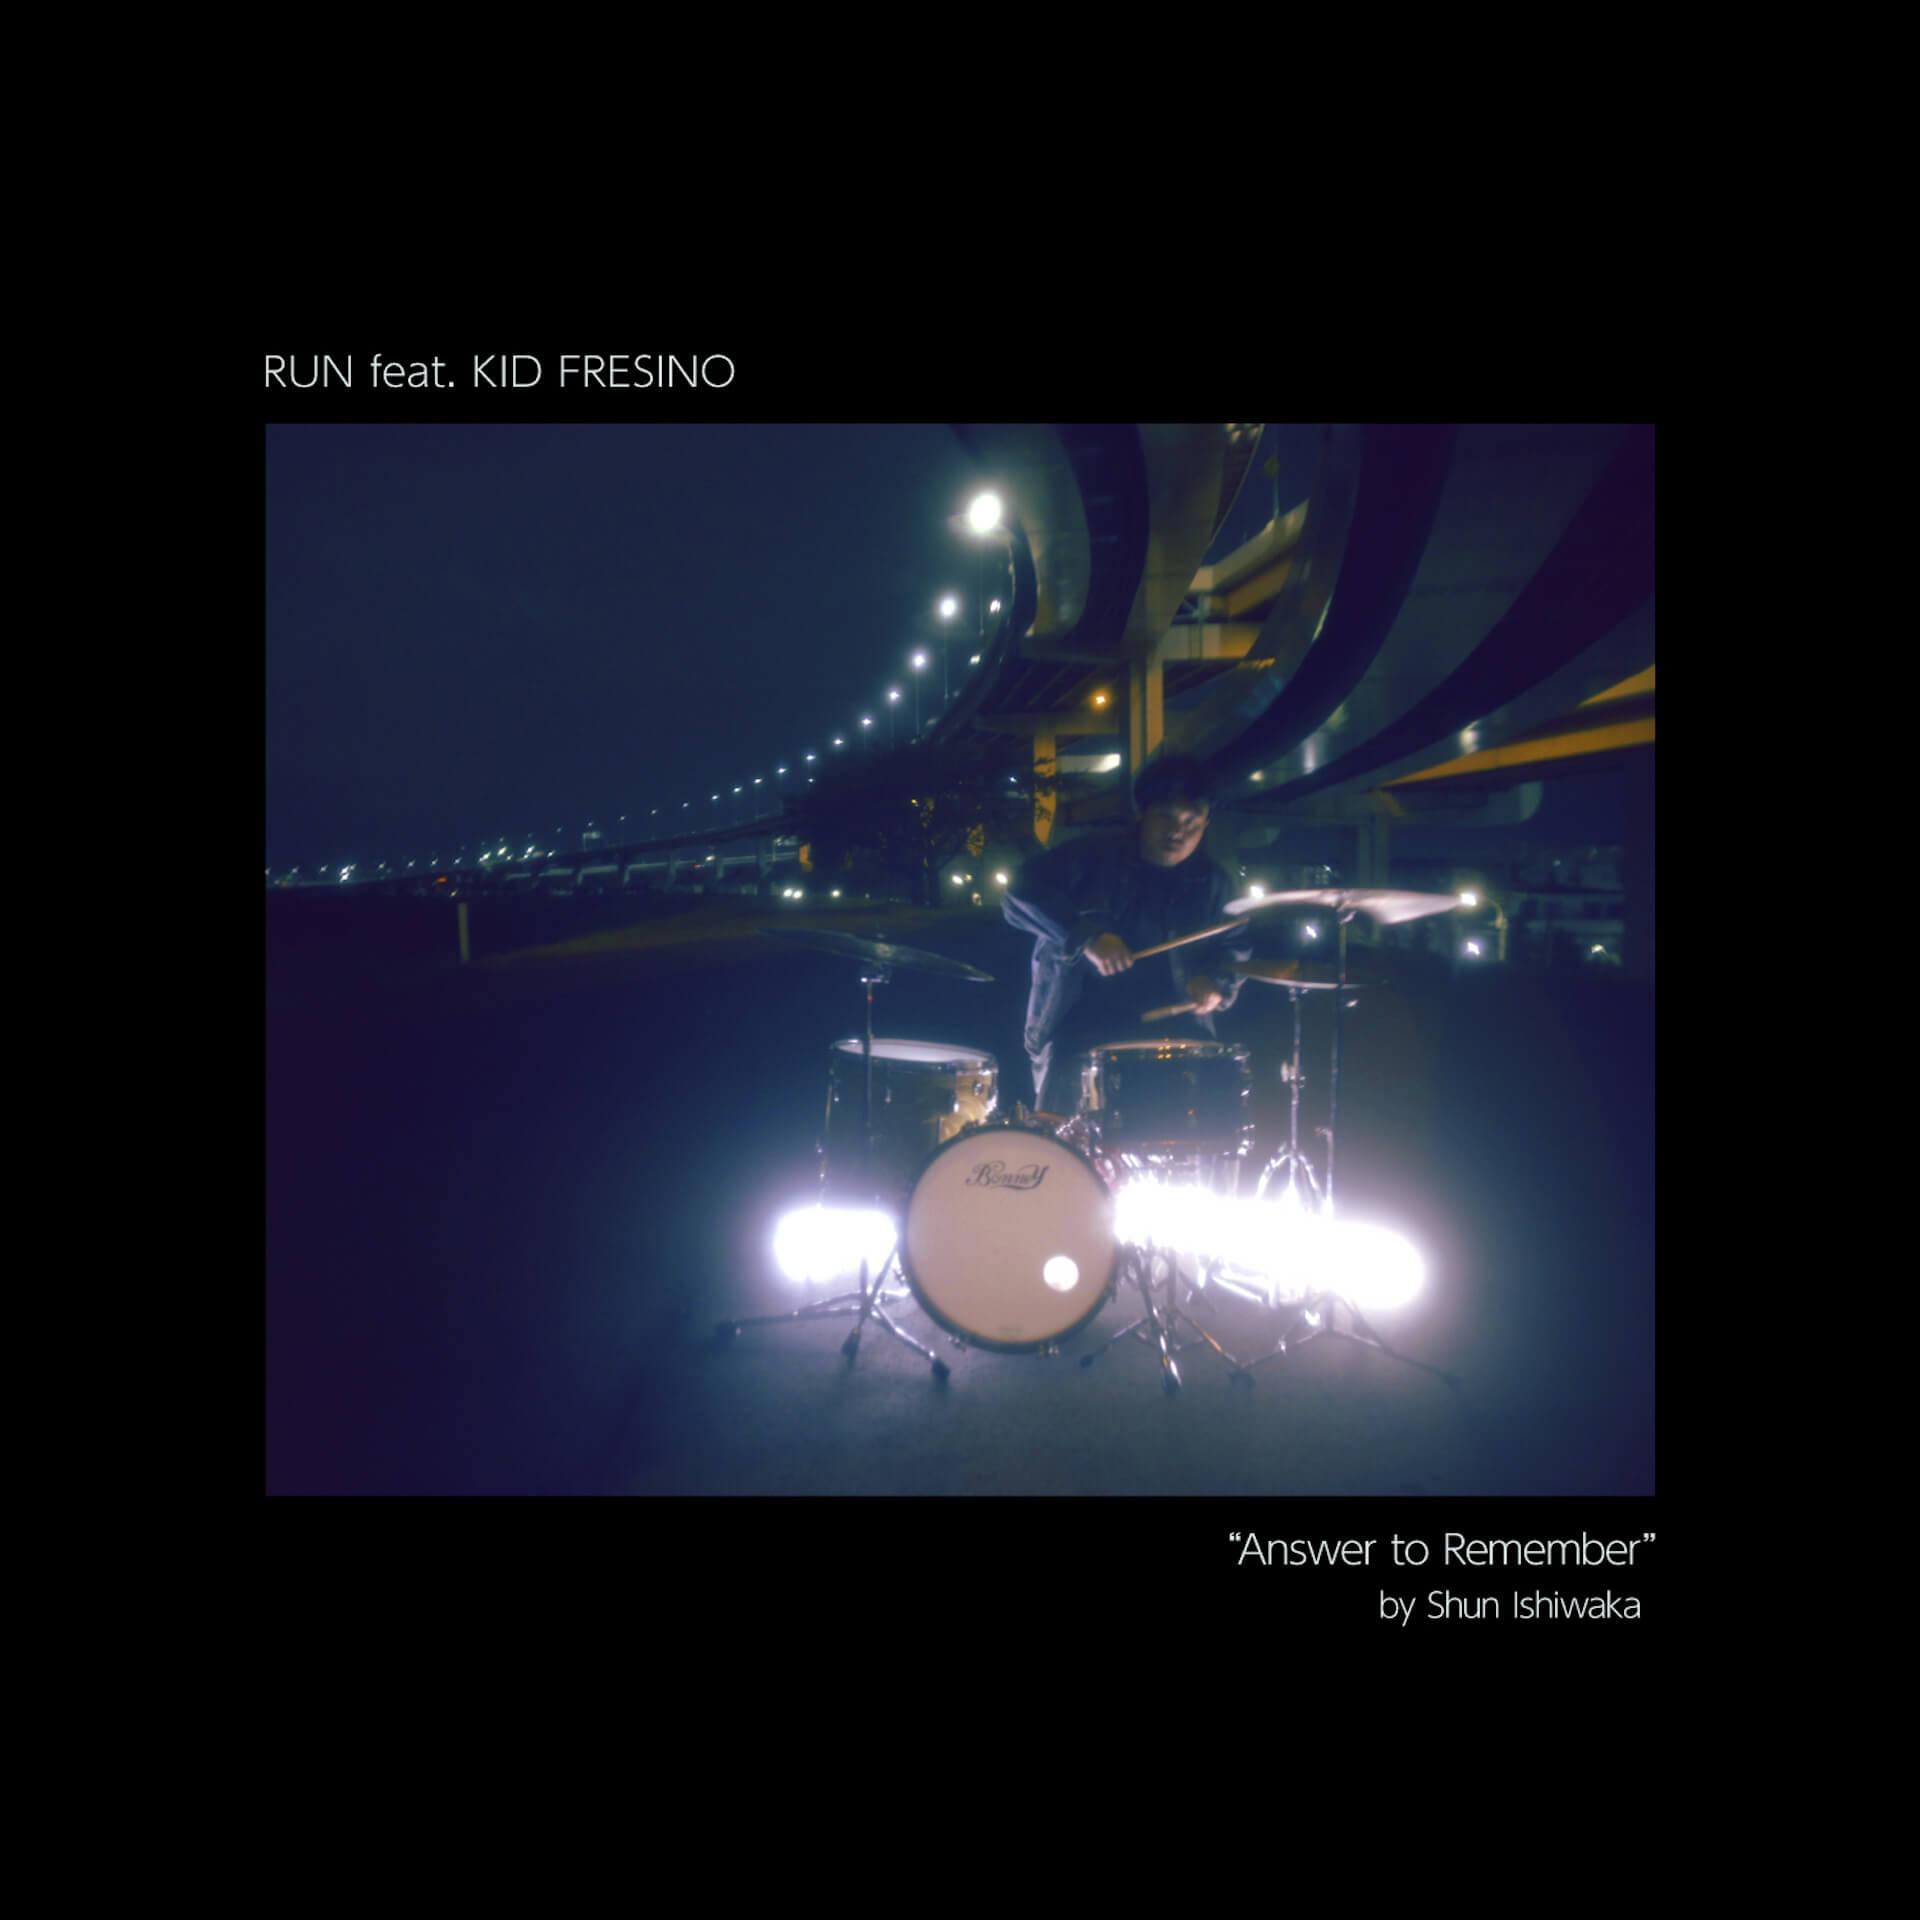 石若駿率いるAnswer to Remember、本日配信開始のシングルでKID FRESINOをフィーチャー|MVも同日全世界公開 music191113_ishiwakashun_2